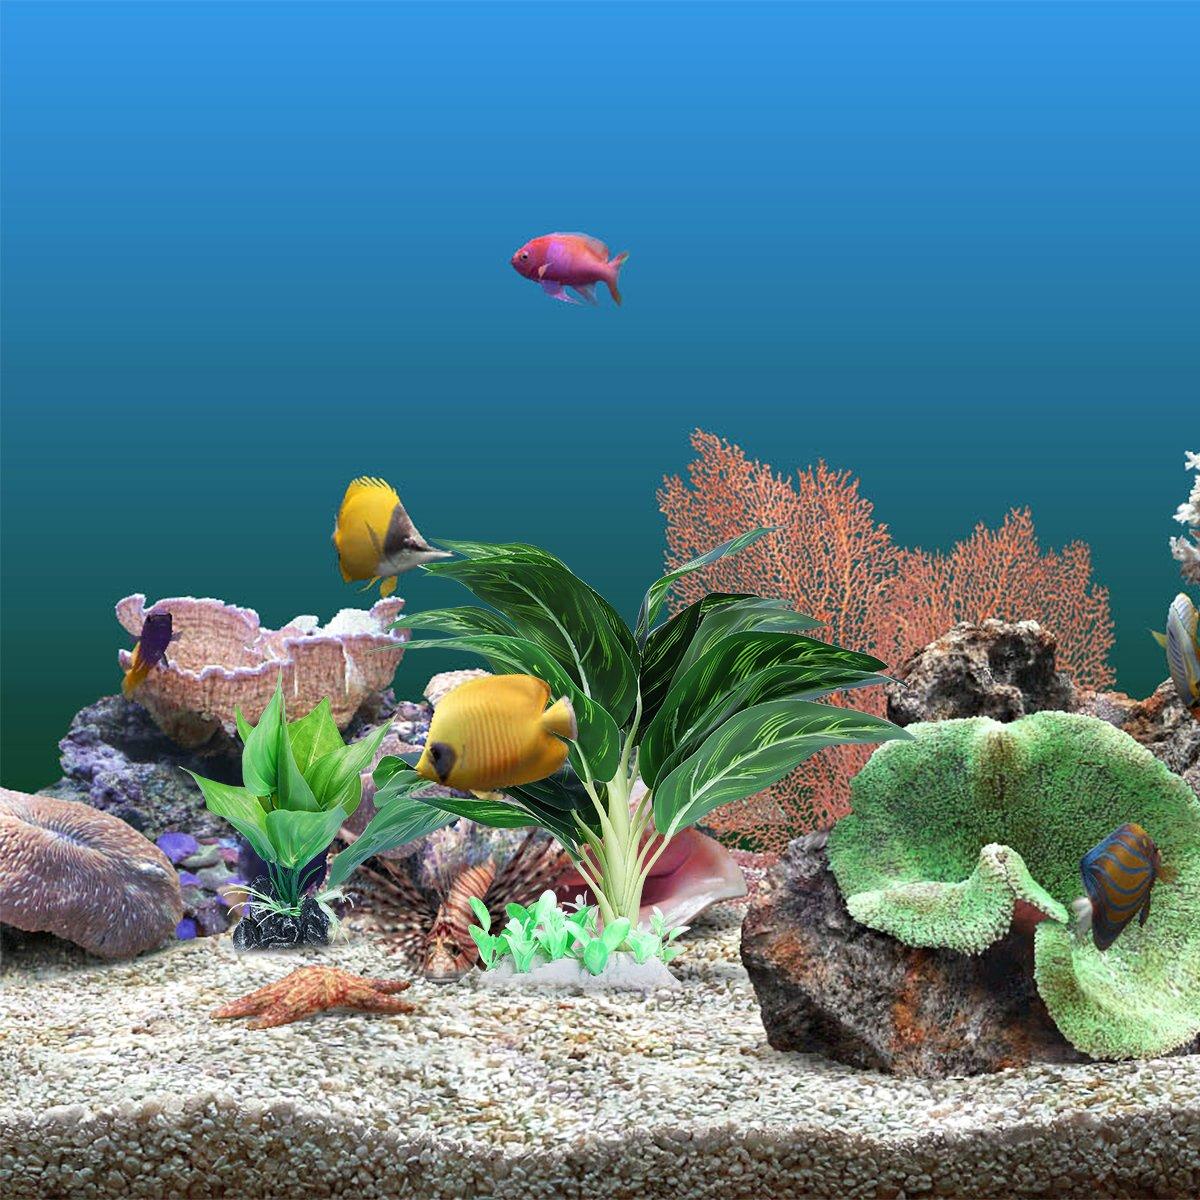 ... Plantas de acuario de plástico frondoso artificial con hojas verdes para la decoración del ornamento del tanque de peces de acuario (grande + ...